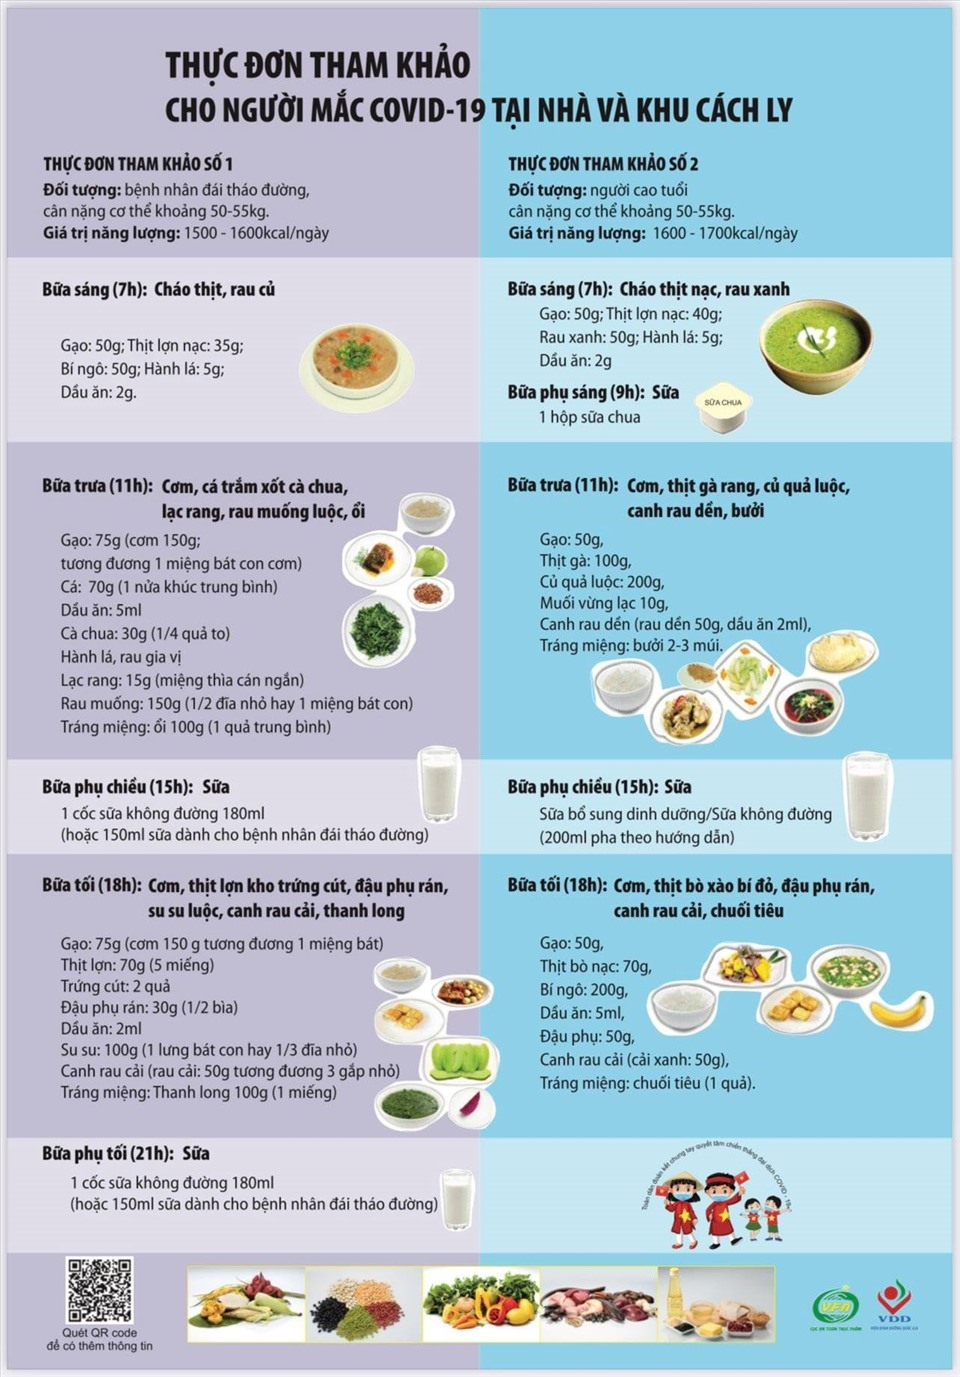 Chế độ dinh dưỡng cho người mắc COVID-19 tại nhà và khu cách ly - Ảnh 2